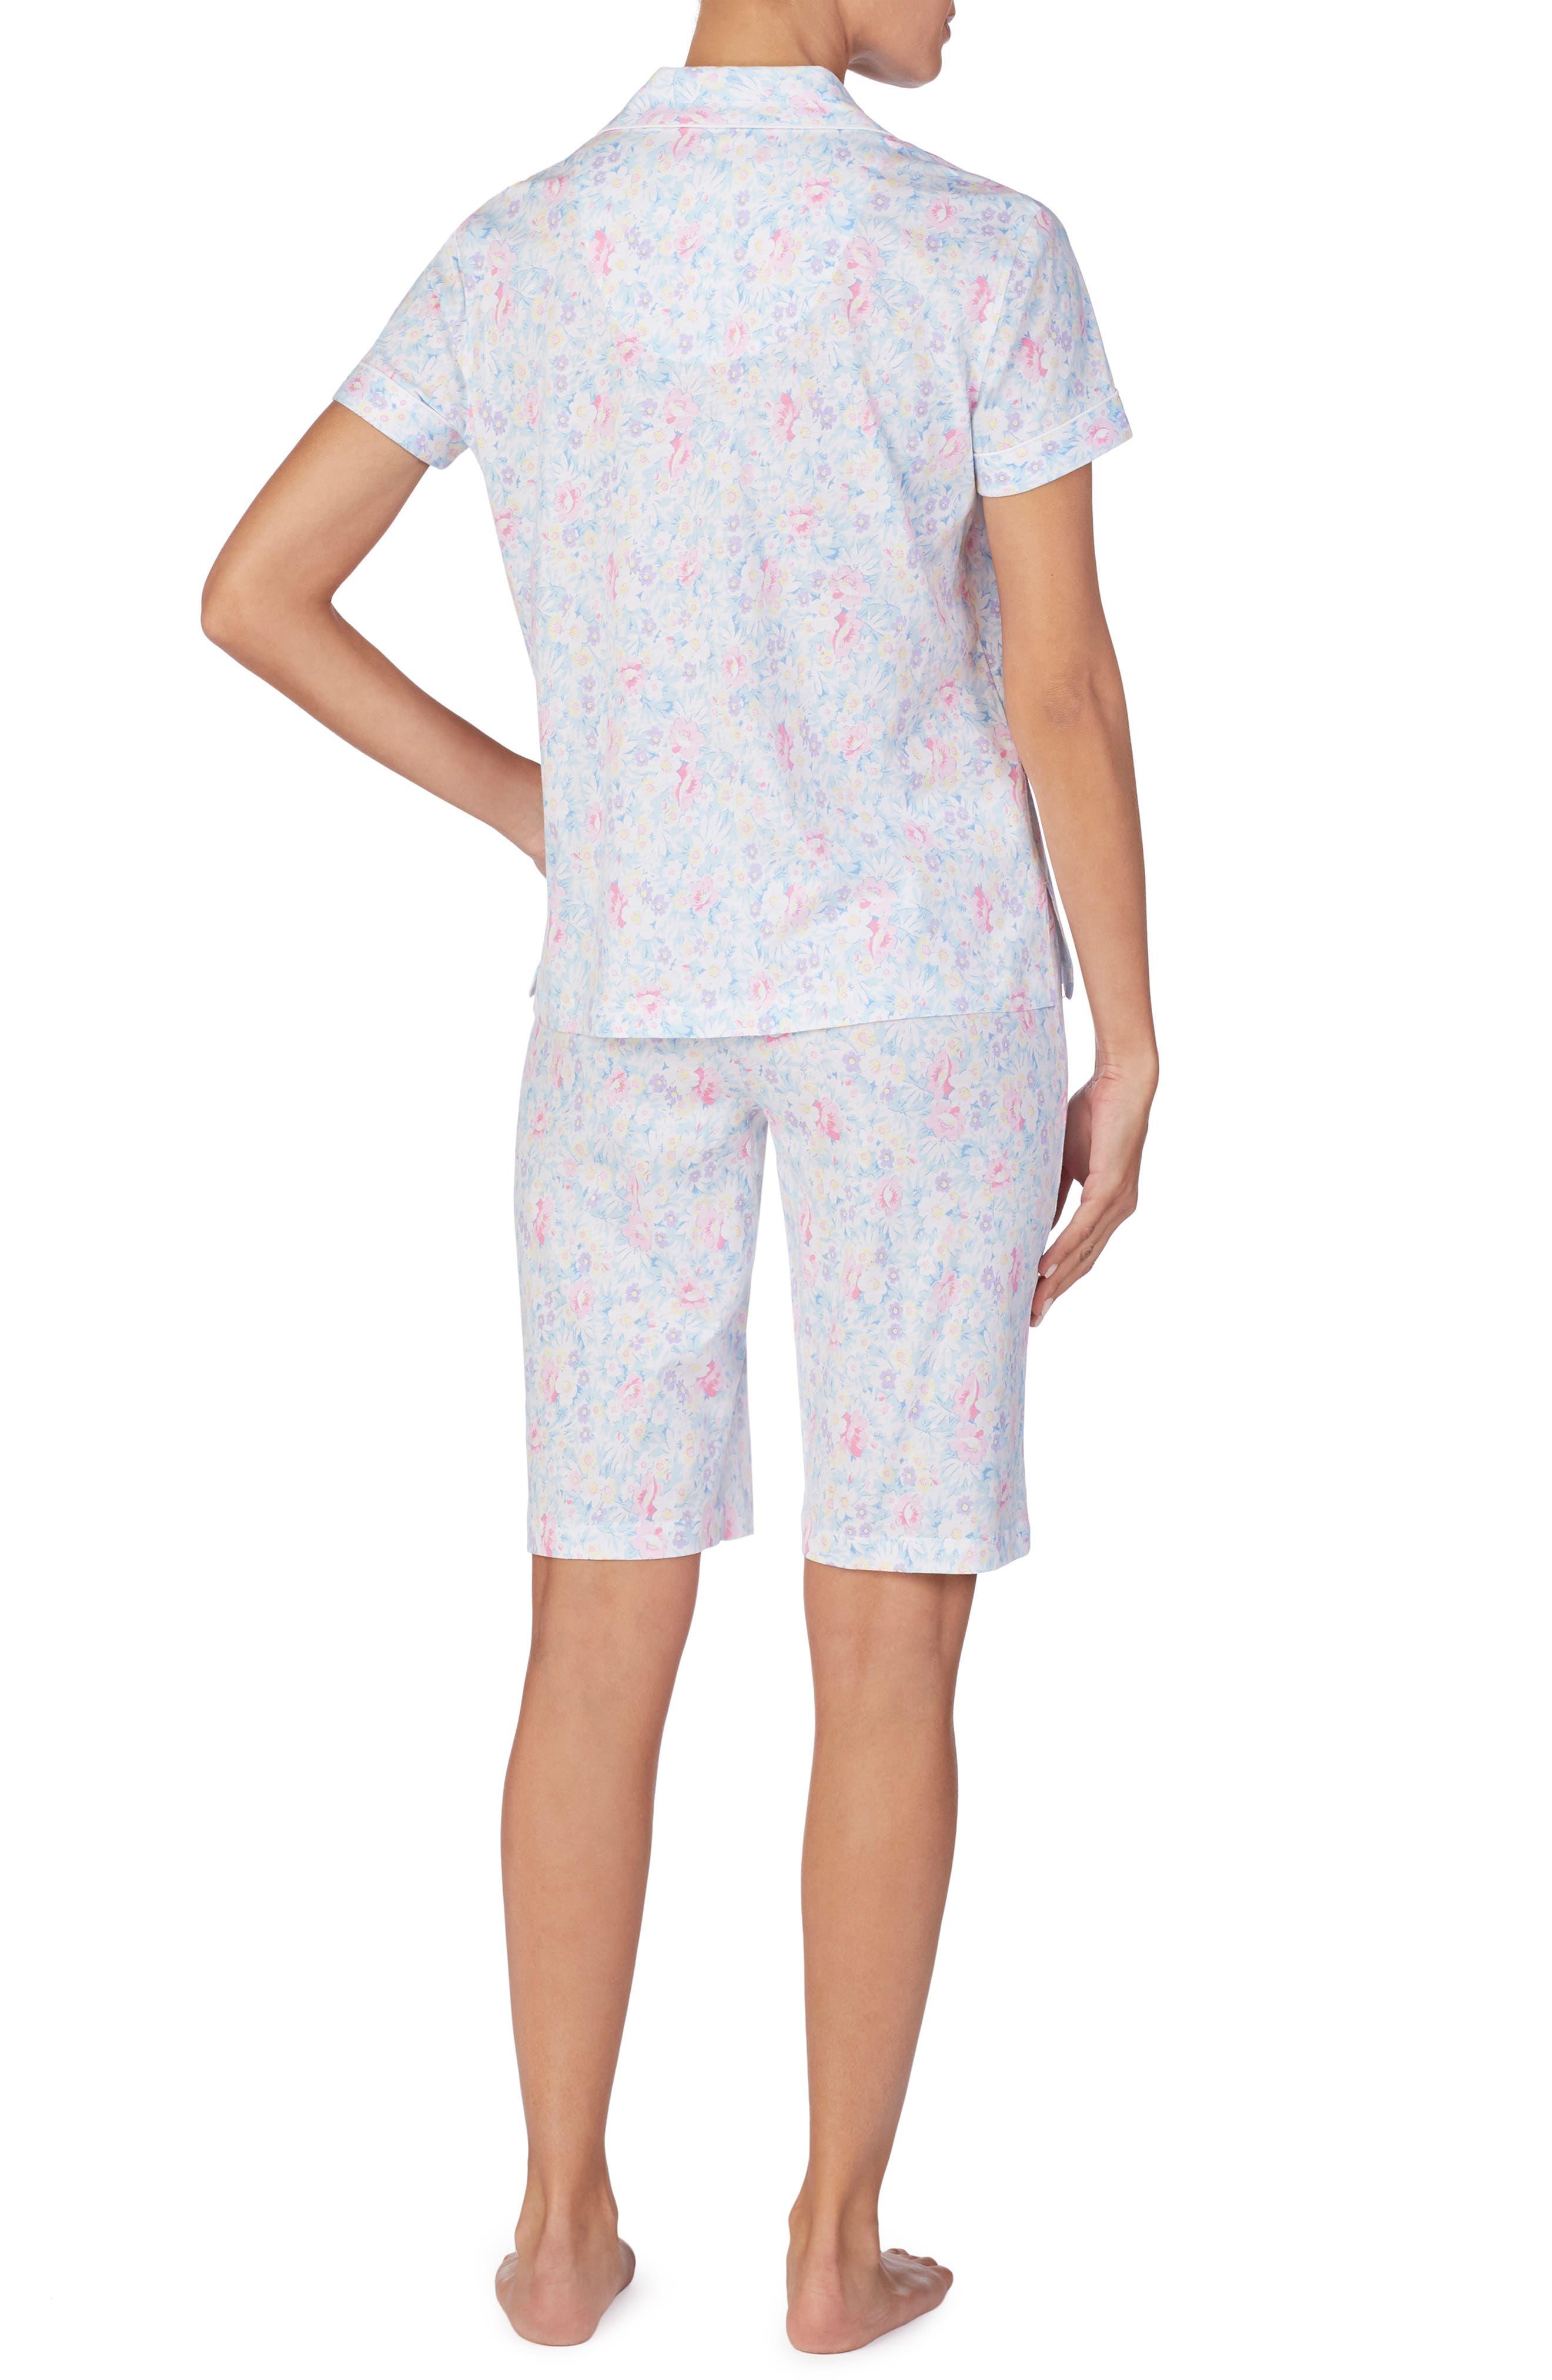 LAUREN RALPH LAUREN, Bermuda Shorts Pajamas, Alternate thumbnail 3, color, PINK FLORAL